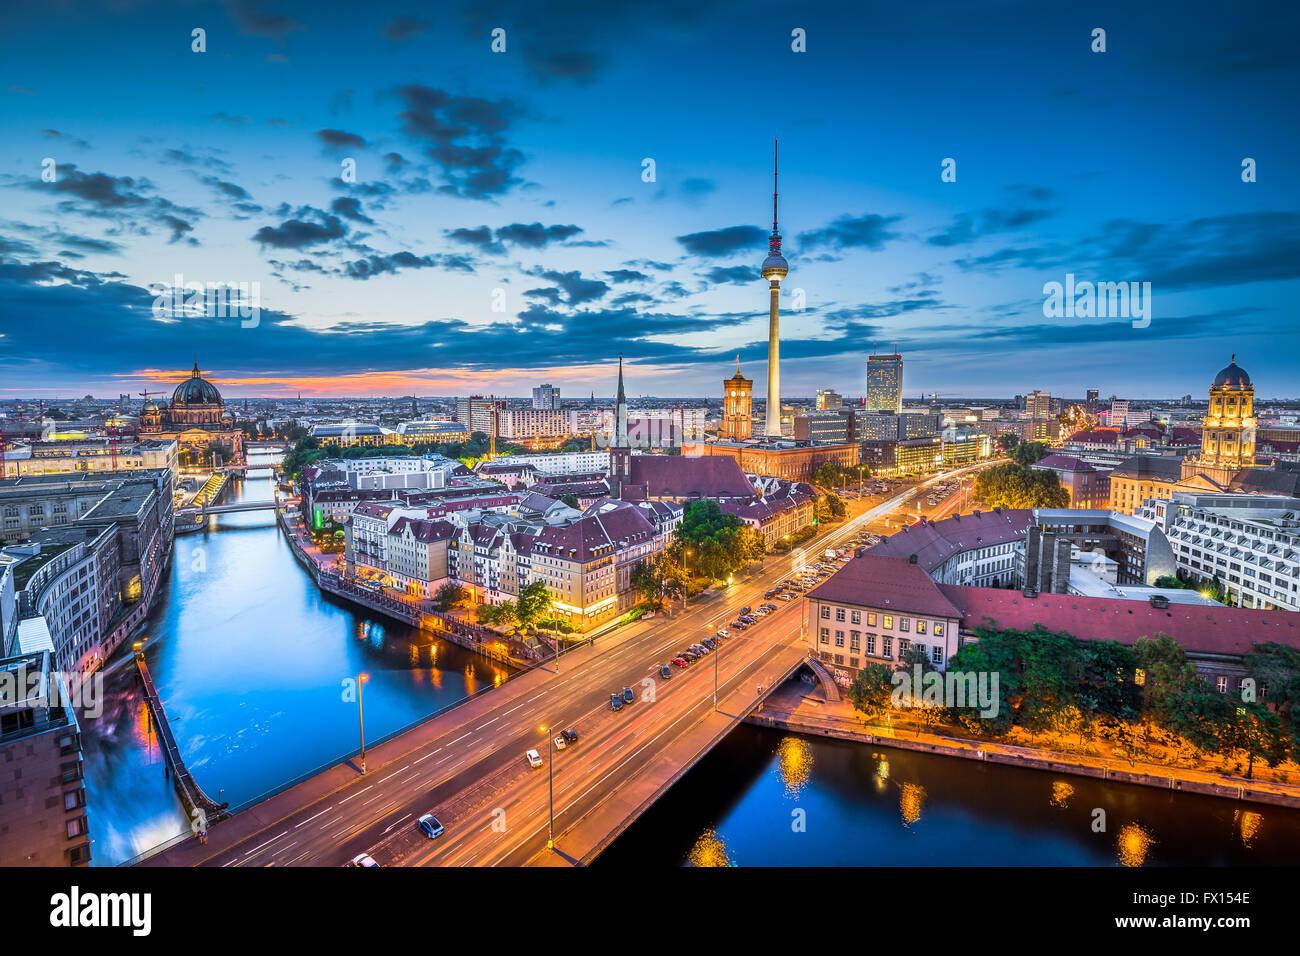 Vue aérienne de toits de Berlin avec des nuages au crépuscule pendant l'heure bleue, au crépuscule, en Allemagne Banque D'Images